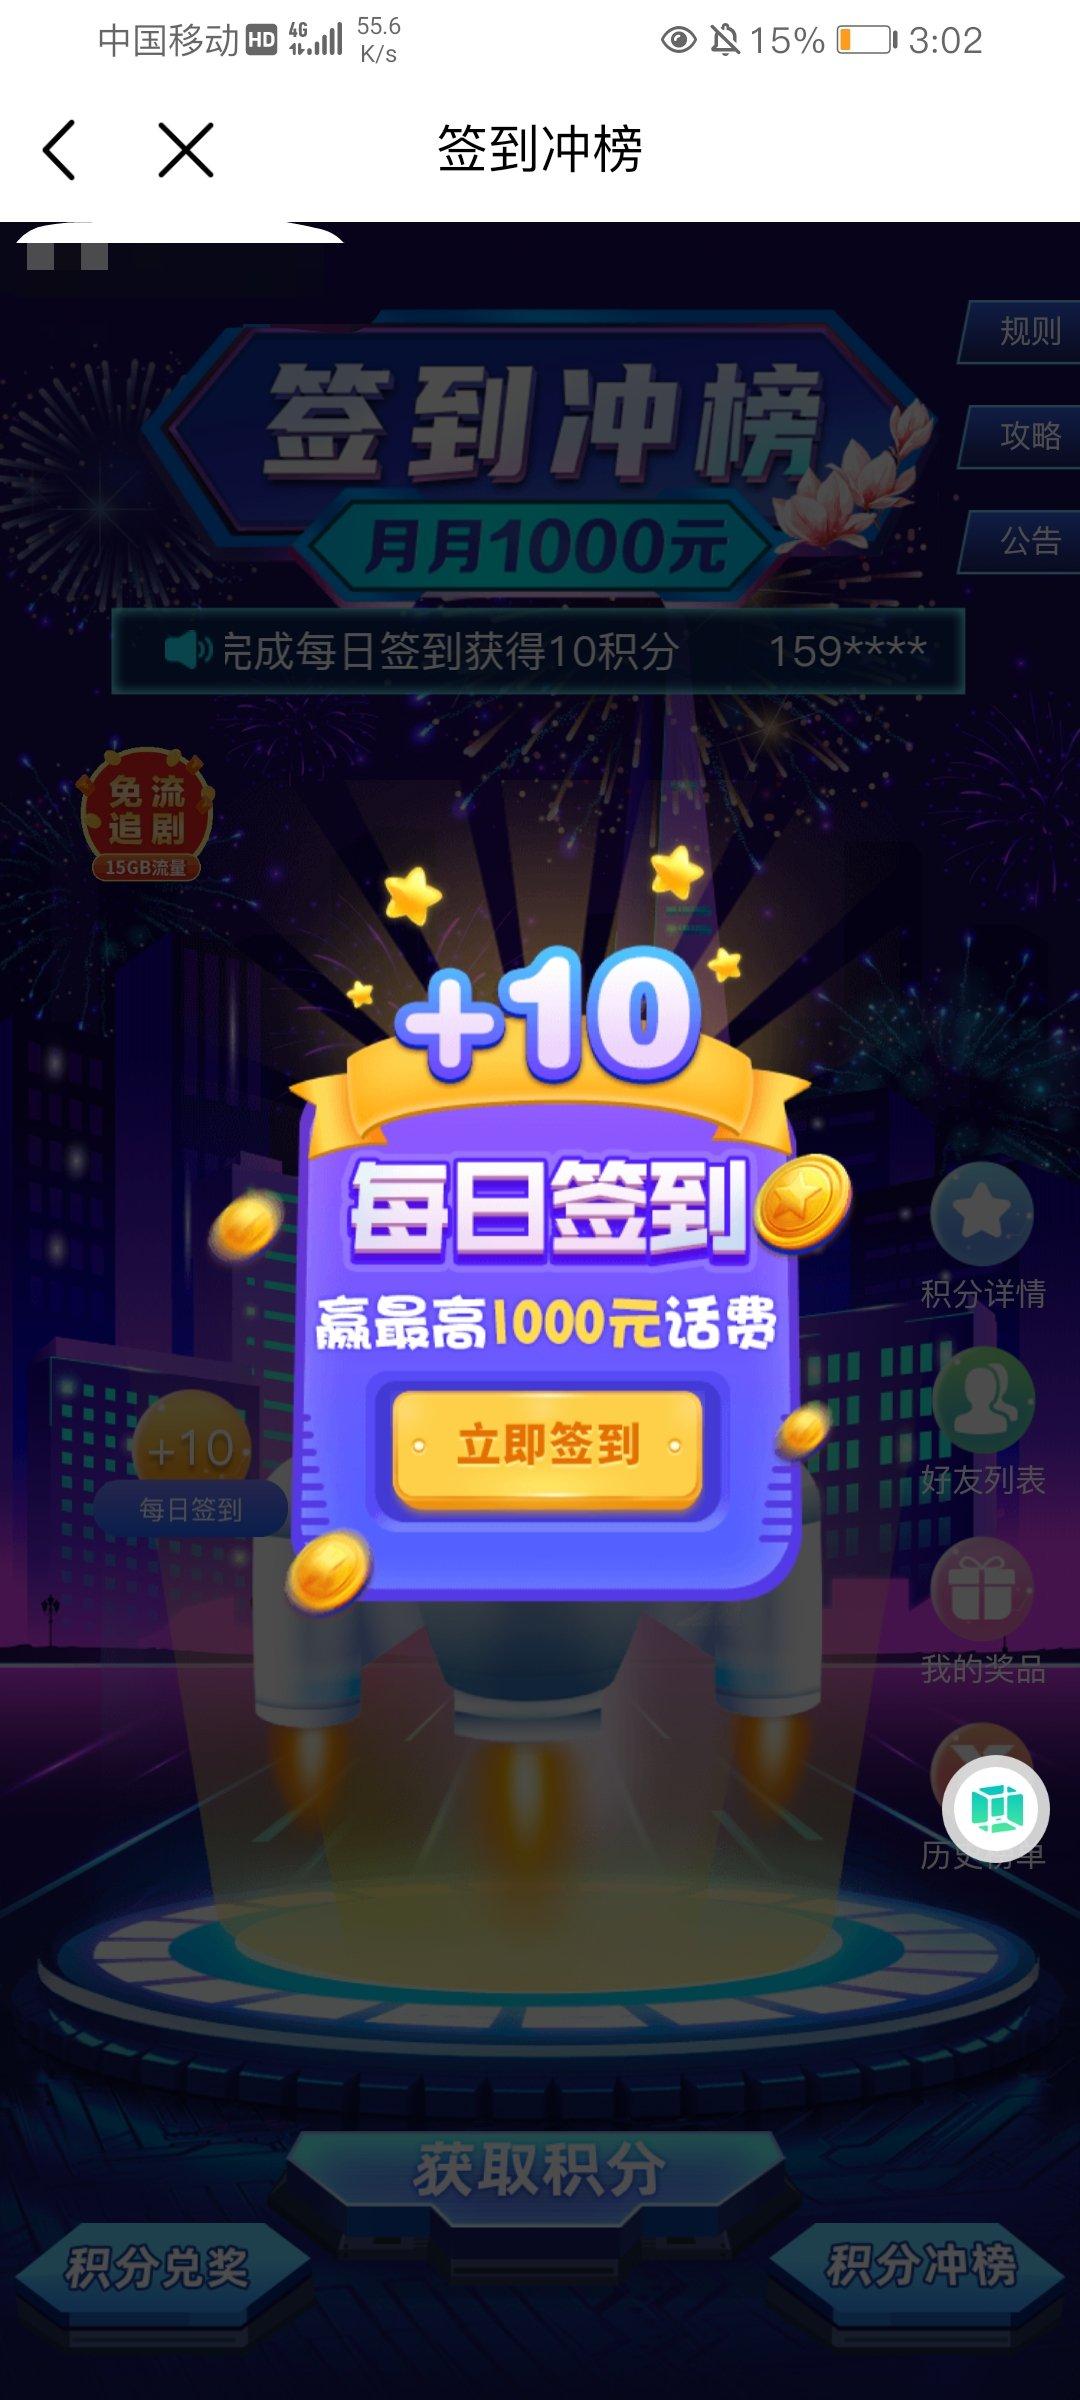 中国移动三月签到冲榜领话费流量!月月1000元!  第2张